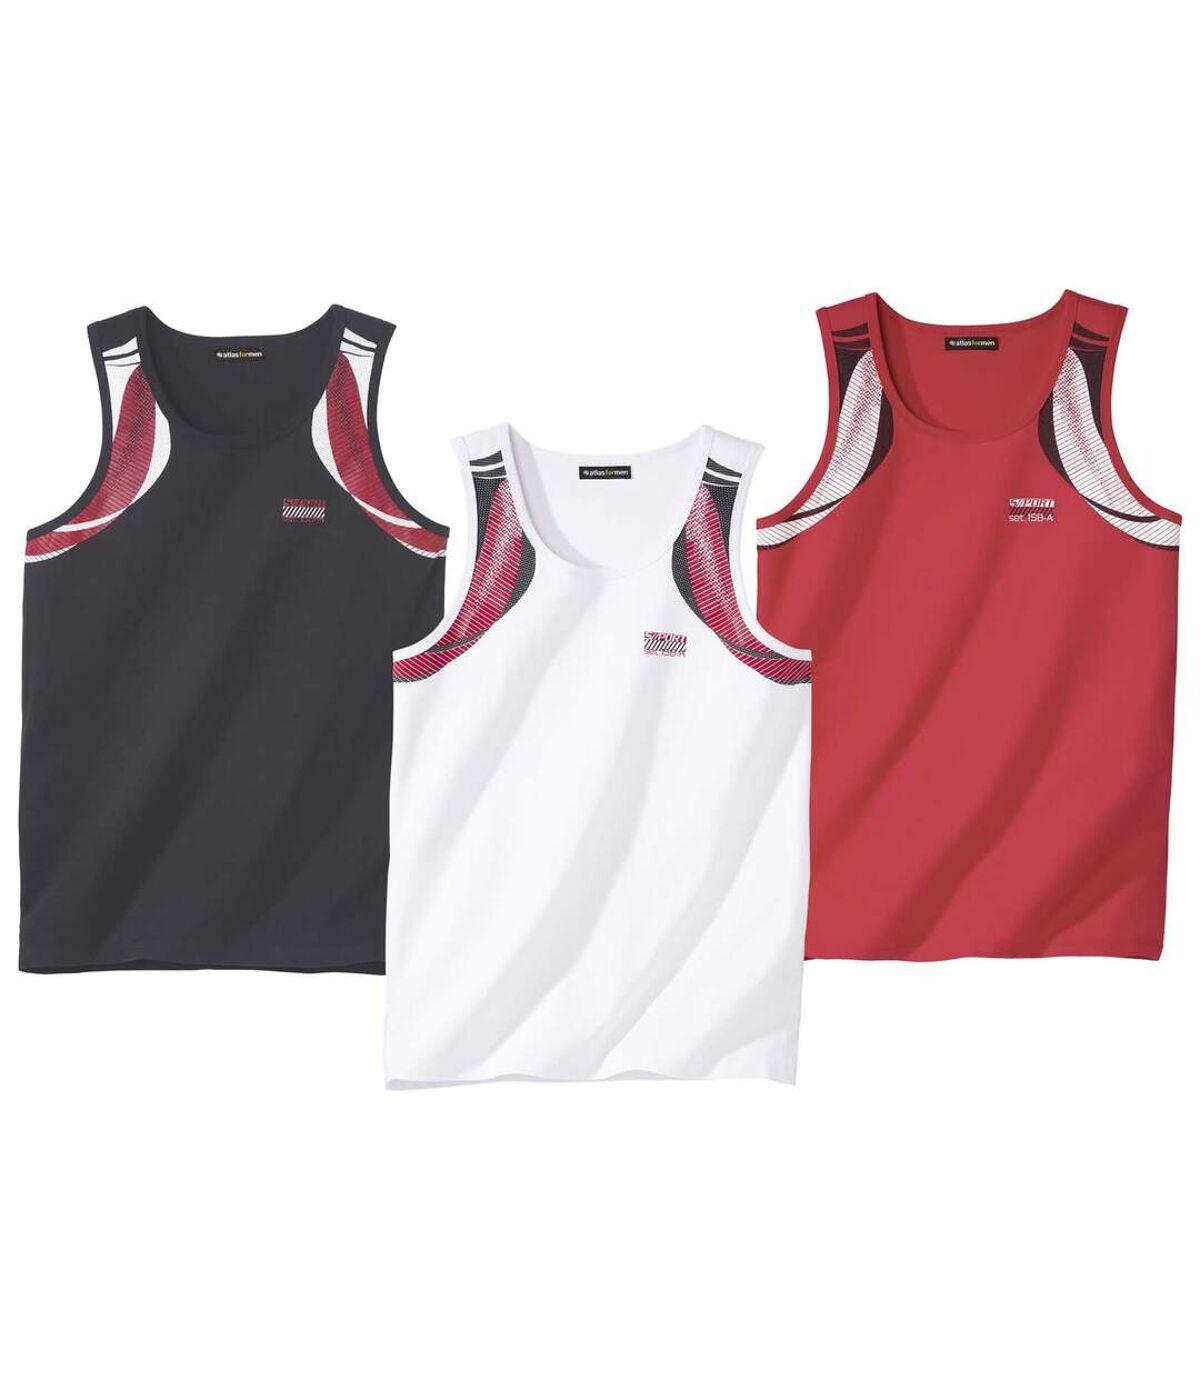 Pack of 3 Men's Sporty Tank Tops - Red, Black, White Atlas For Men